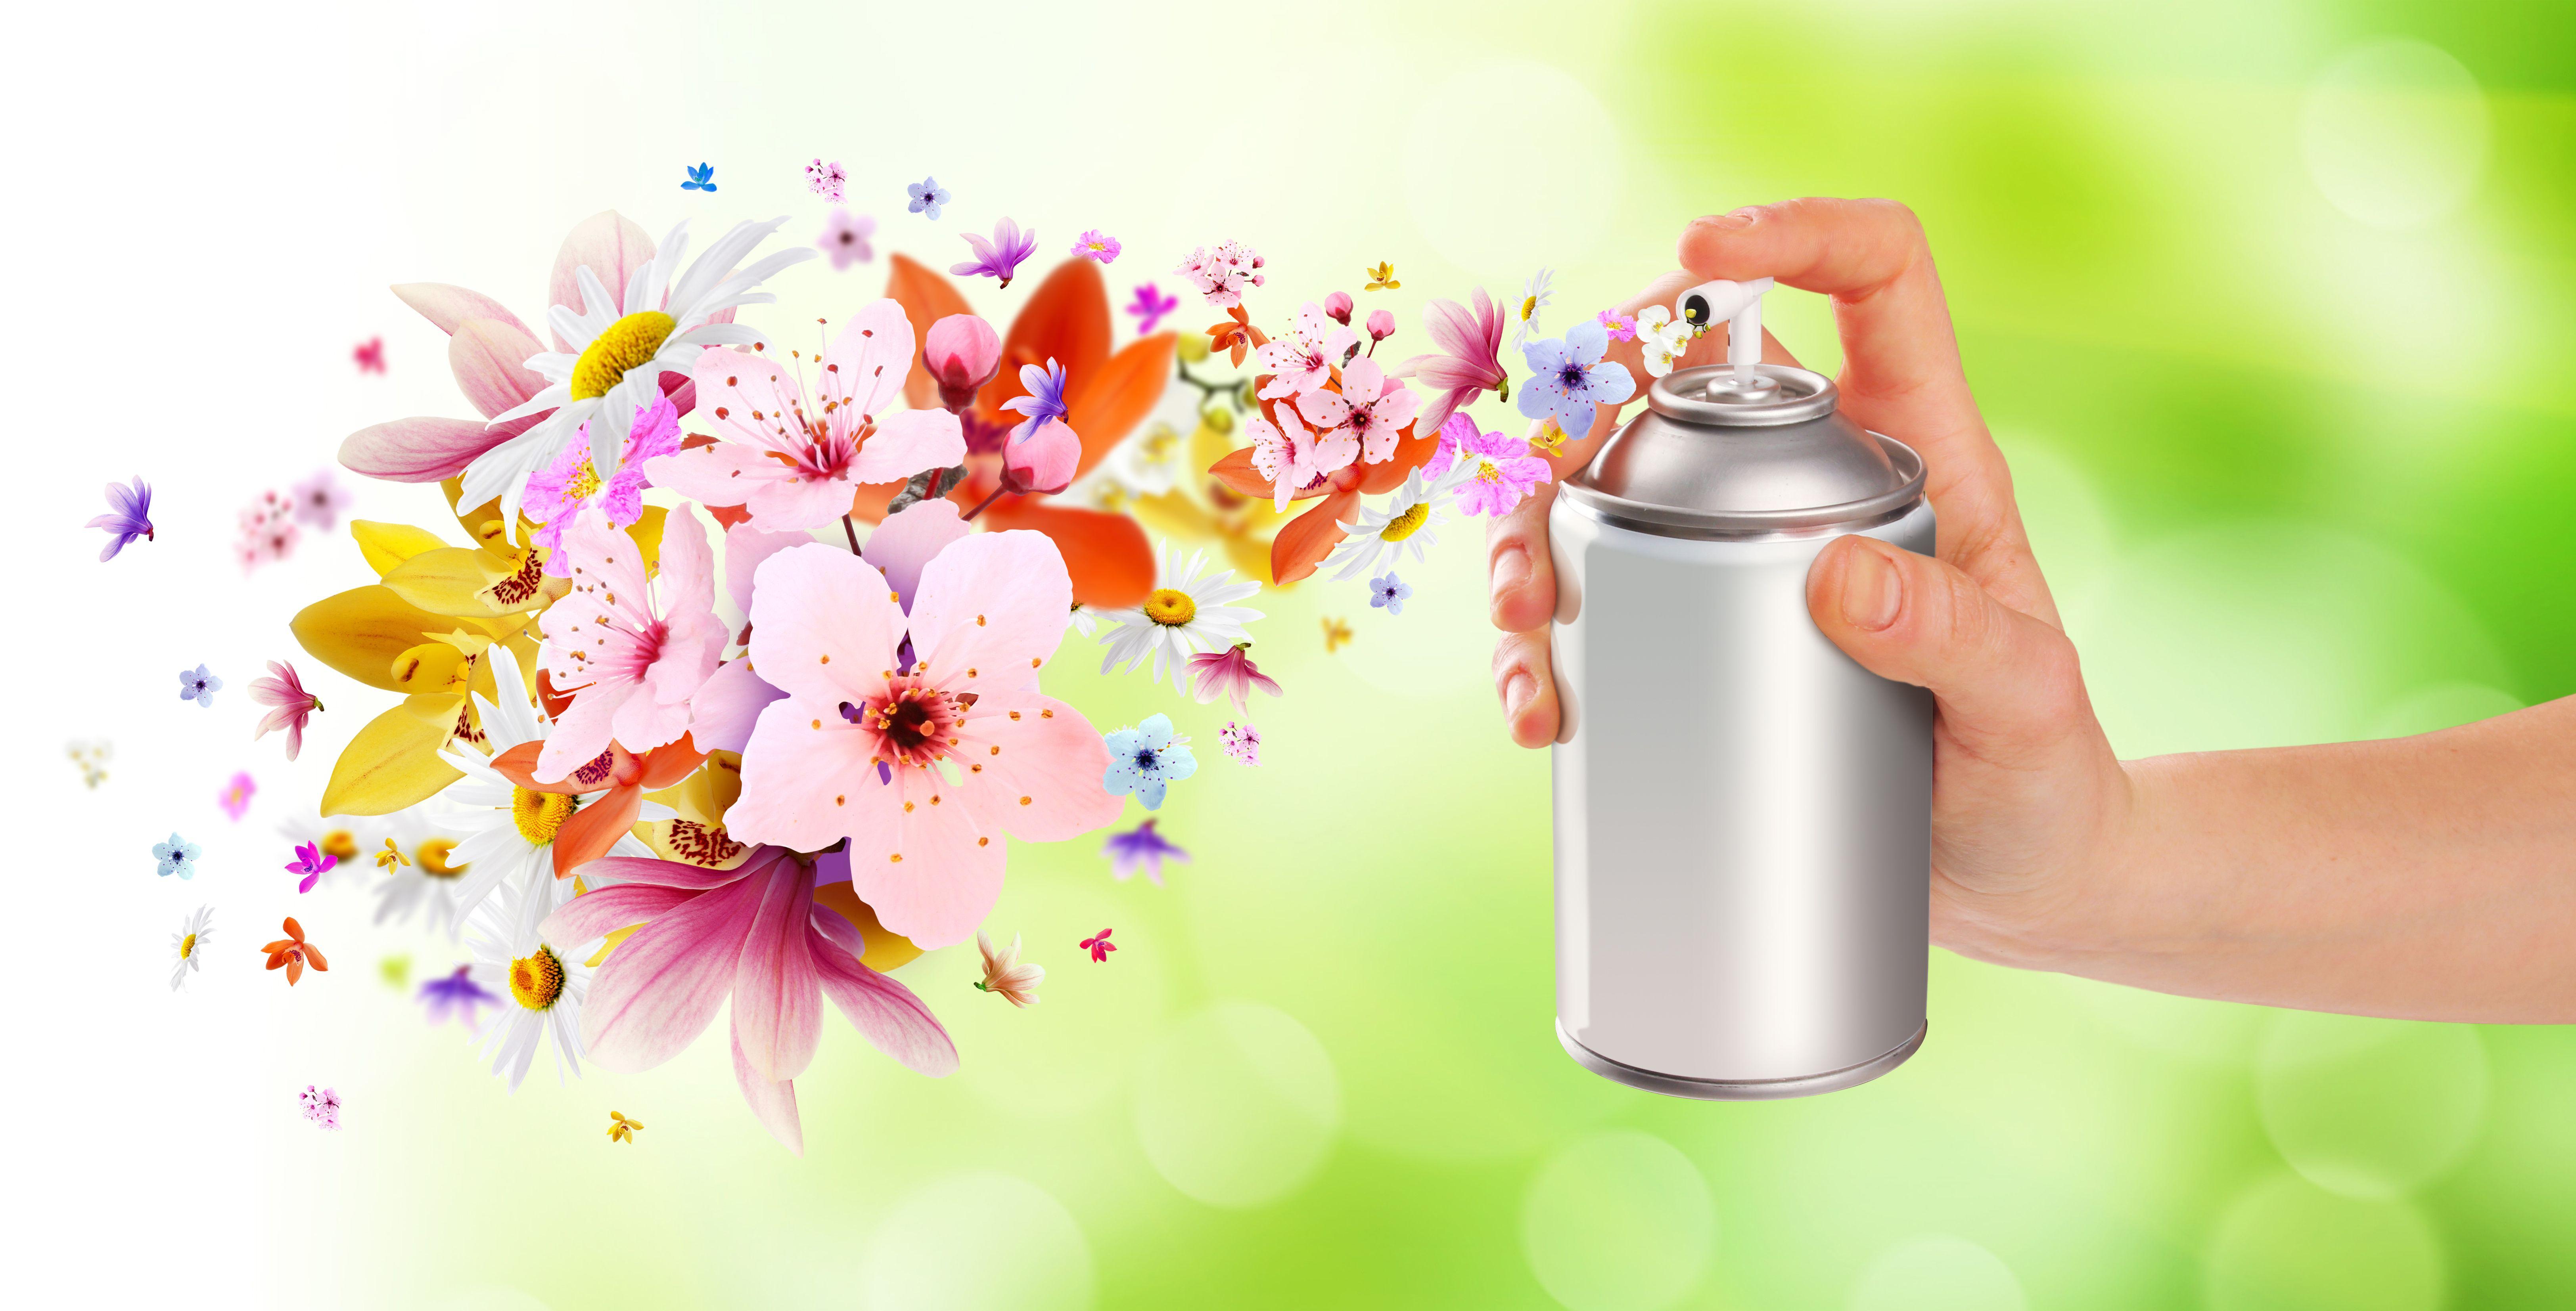 Ambientadores: Catálogo de Perfumería y Droguería Jaral